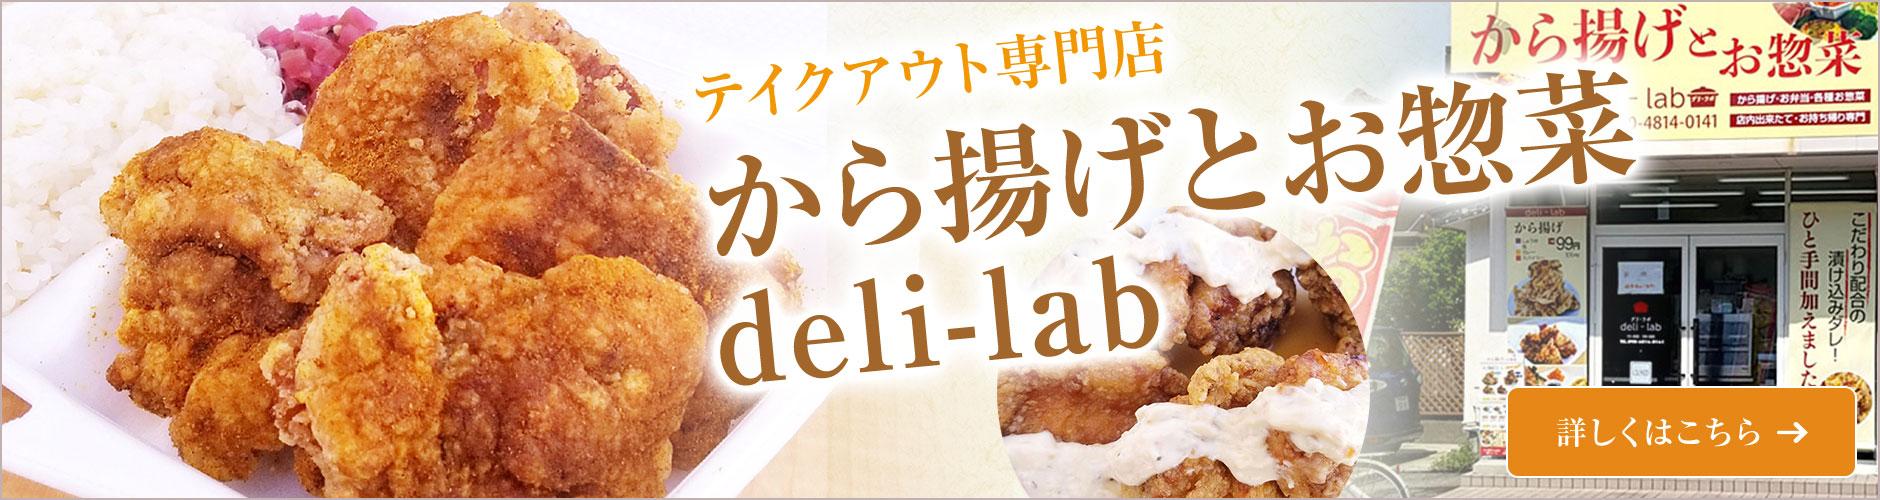 テイクアウト専門店 から揚げとお惣菜 deli-lab